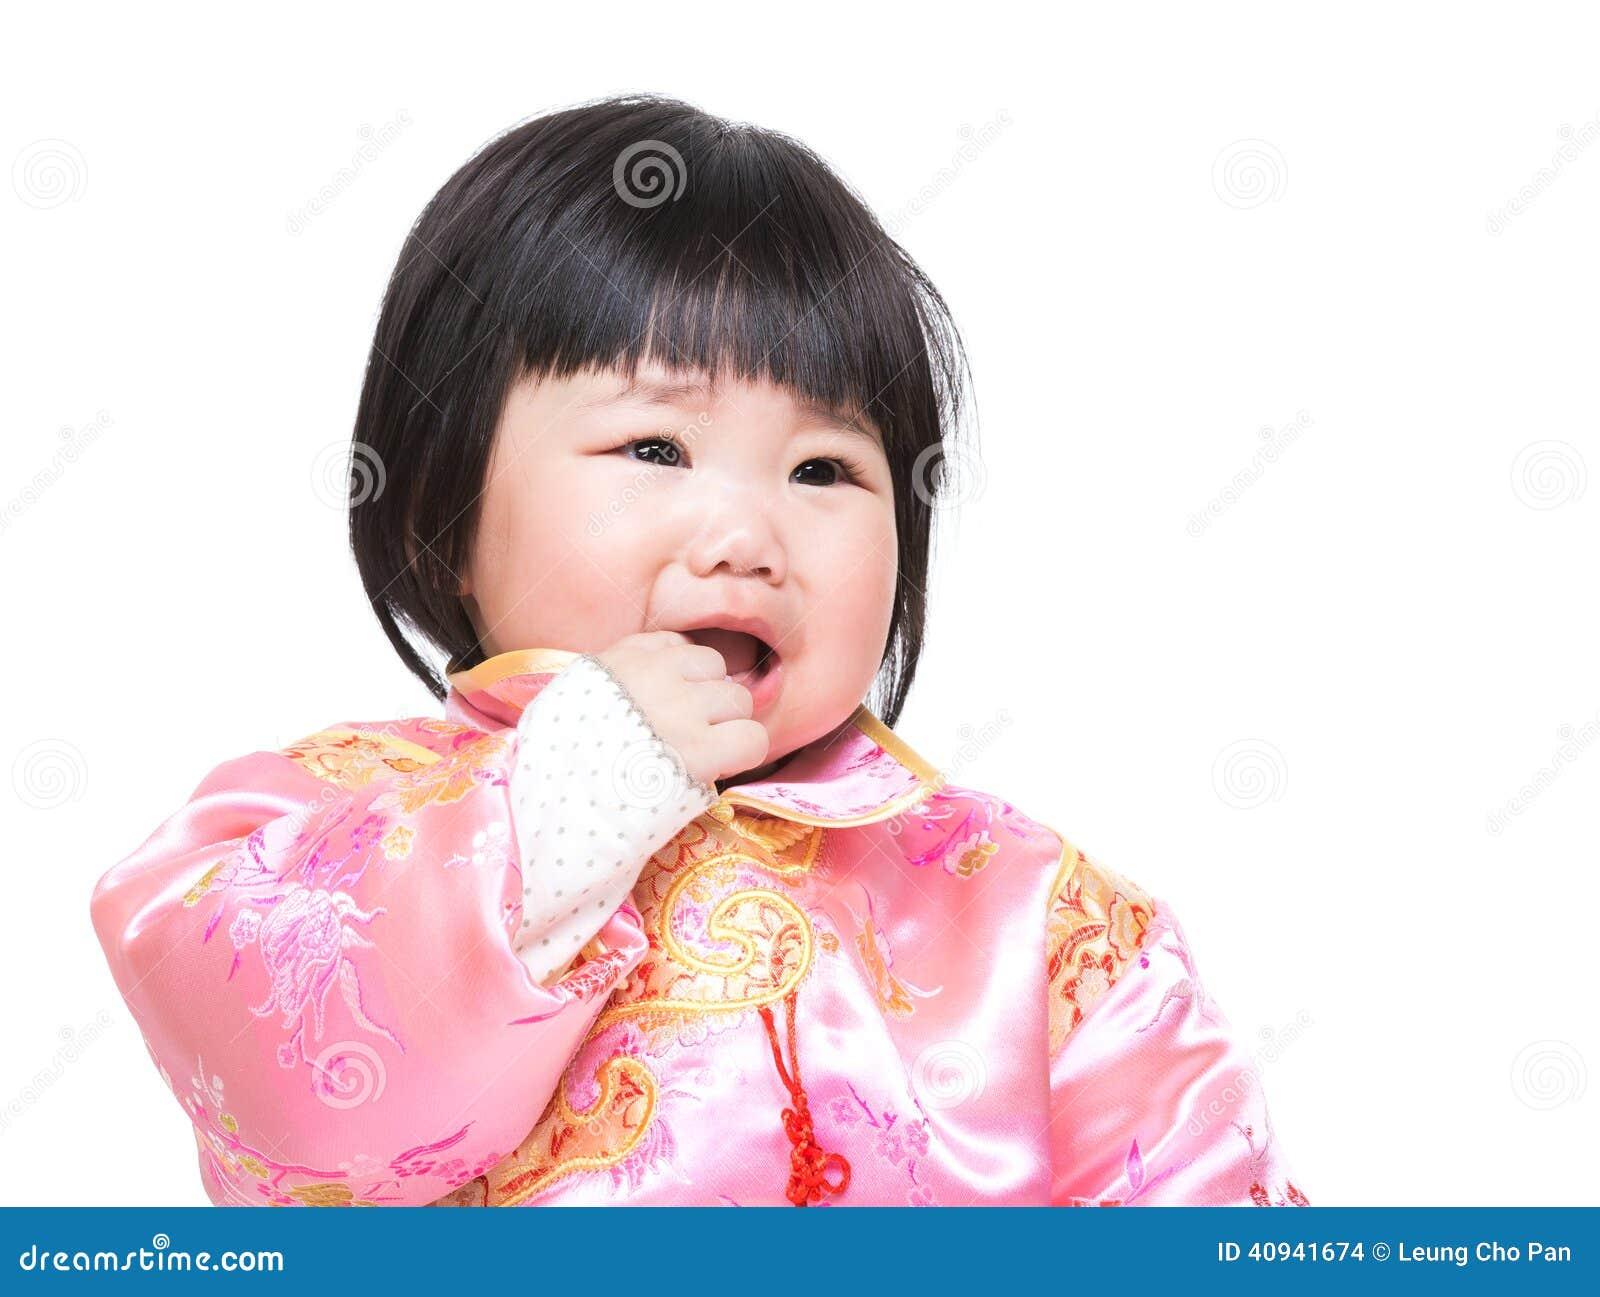 Китайский младенец всасывает палец в рот